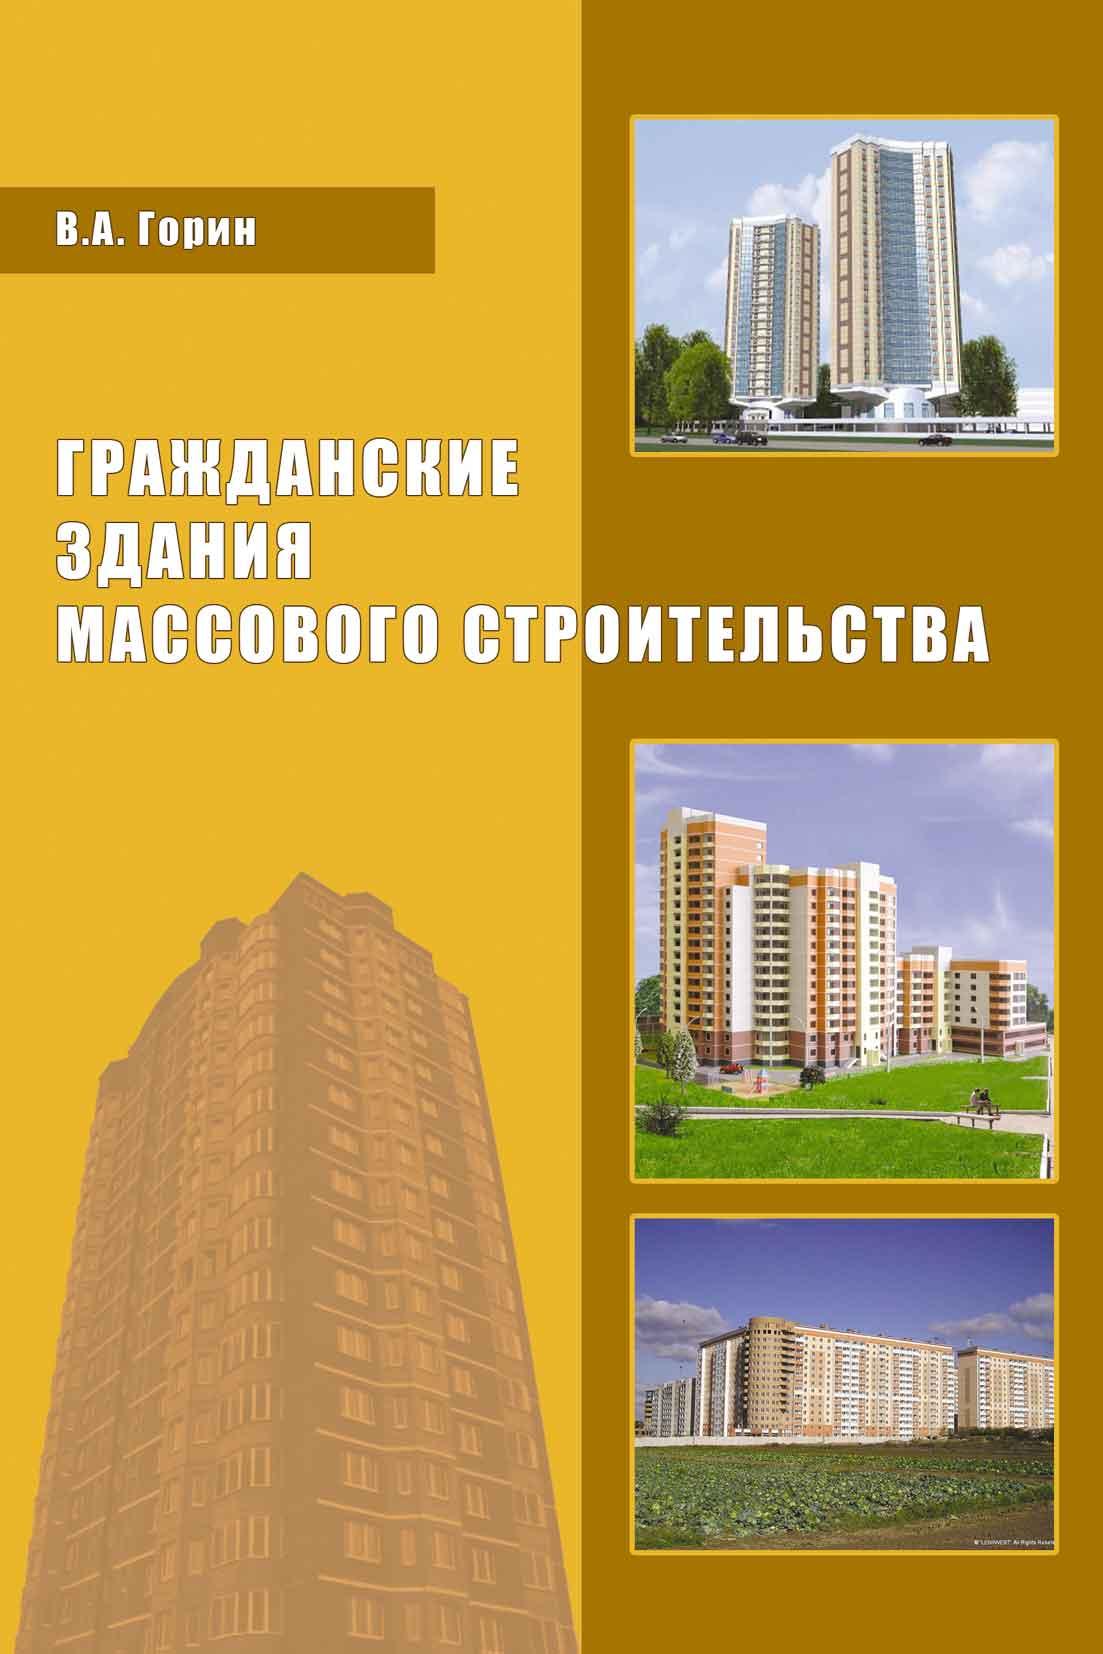 В. А. Горин Гражданские здания массового строительства материалы для изготовления сборных моделей hasegawa 1 350 72135